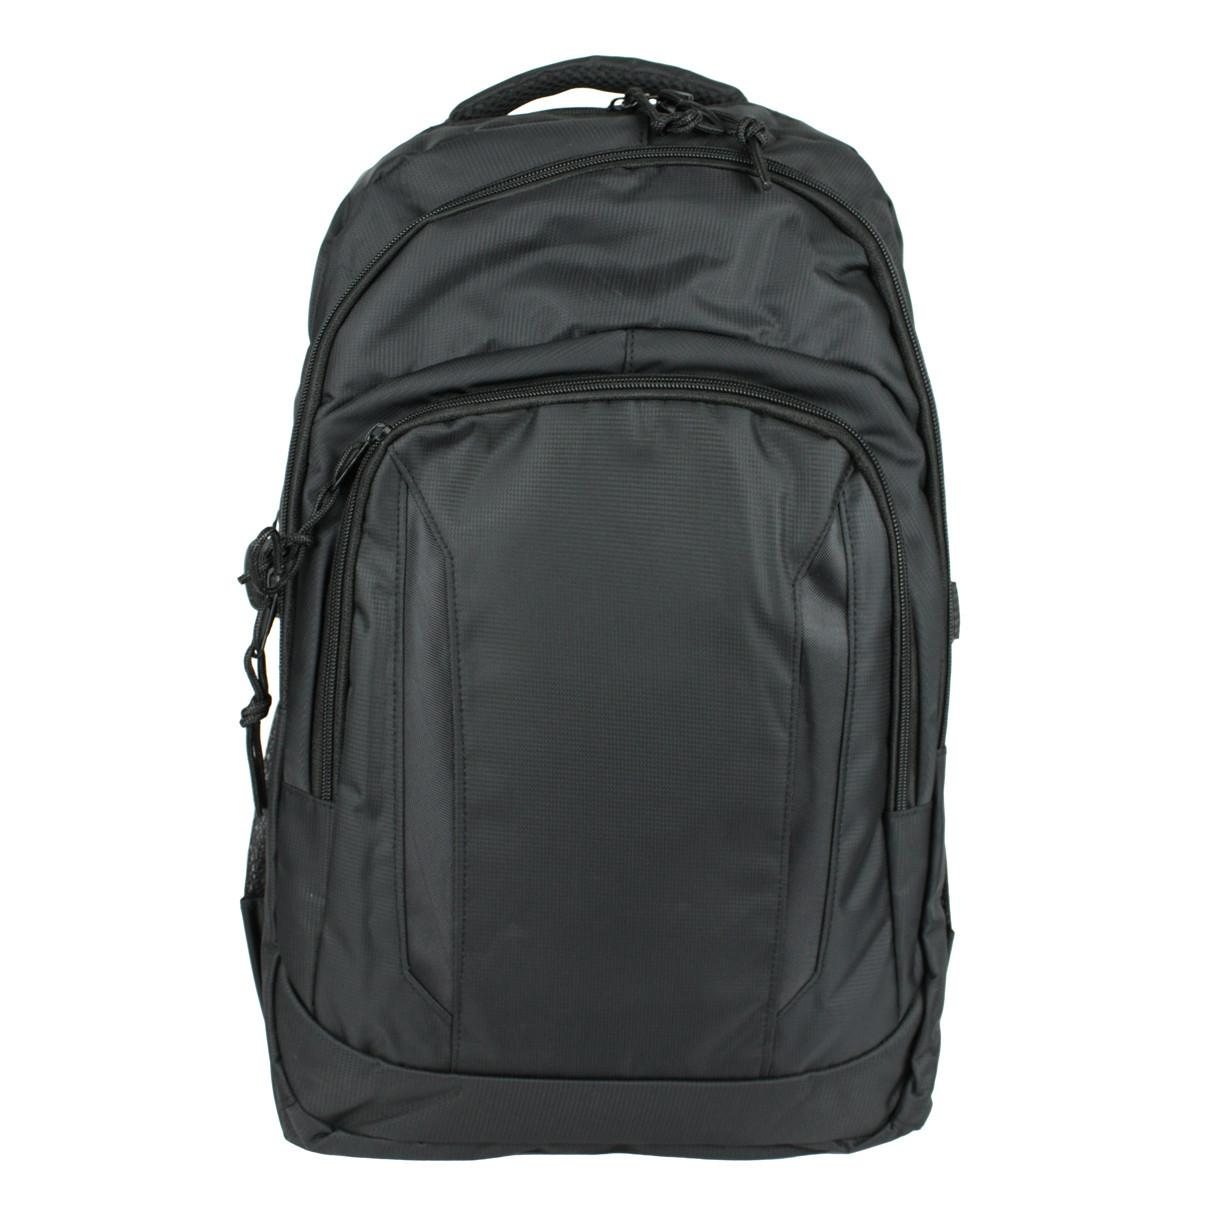 Рюкзак городской универсальный повседневный тканевый черный